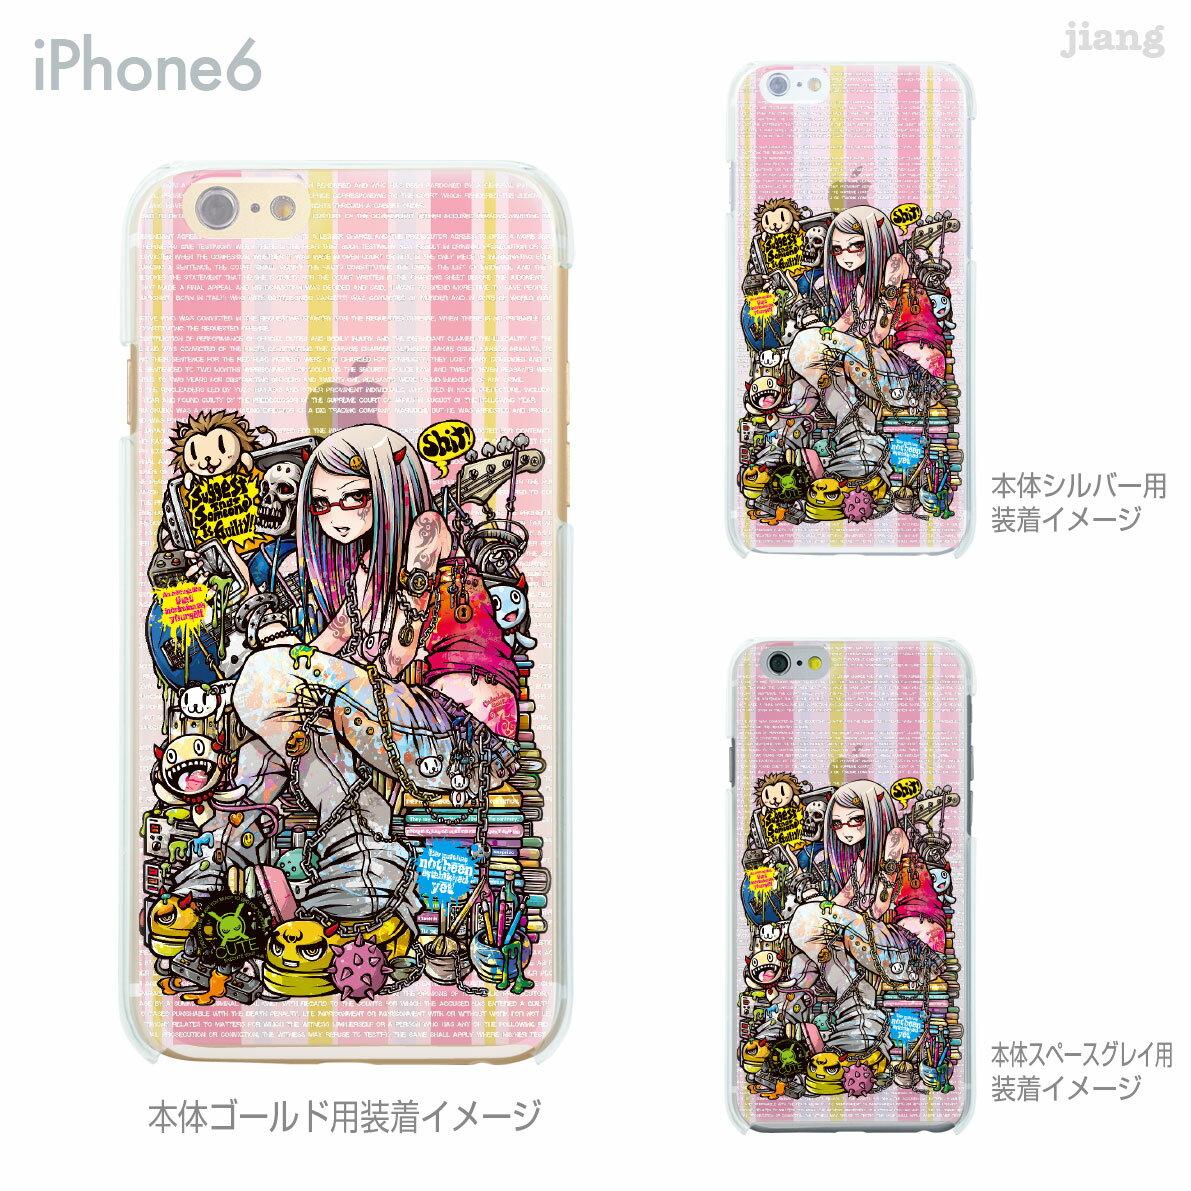 iPhoneX iPhone X ケース iPhone8 iPhone7ケース iPhone7 Plus iPhone6s iPhone6 Plus iphone ハードケース Clear Arts ケース カバー スマホケース クリアケース Project.C.K. 傲慢 11-ip6-ca0017-s